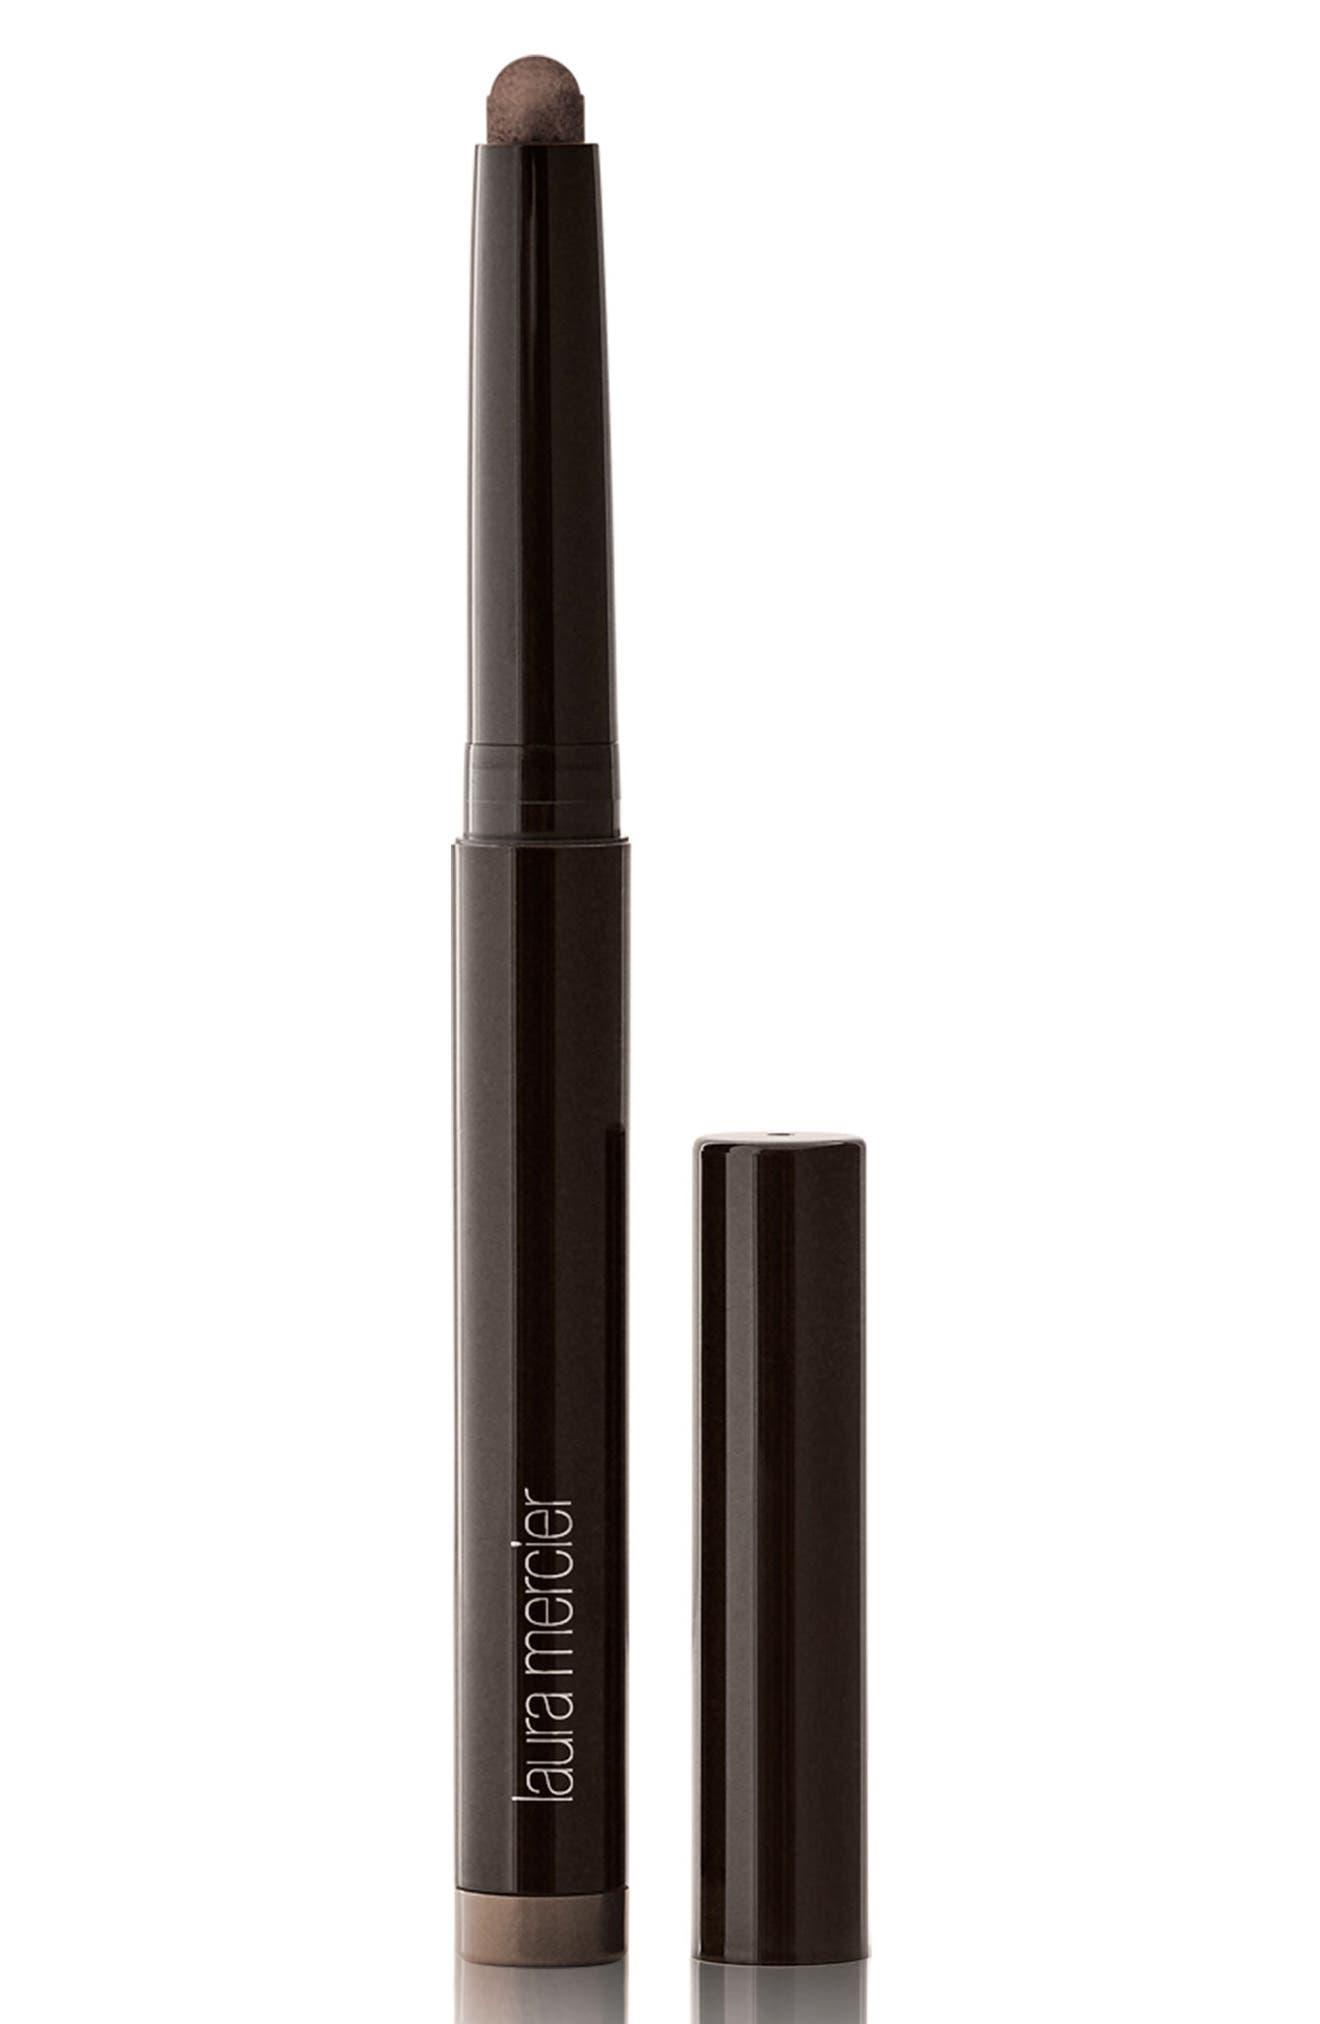 Caviar Stick Eyeshadow